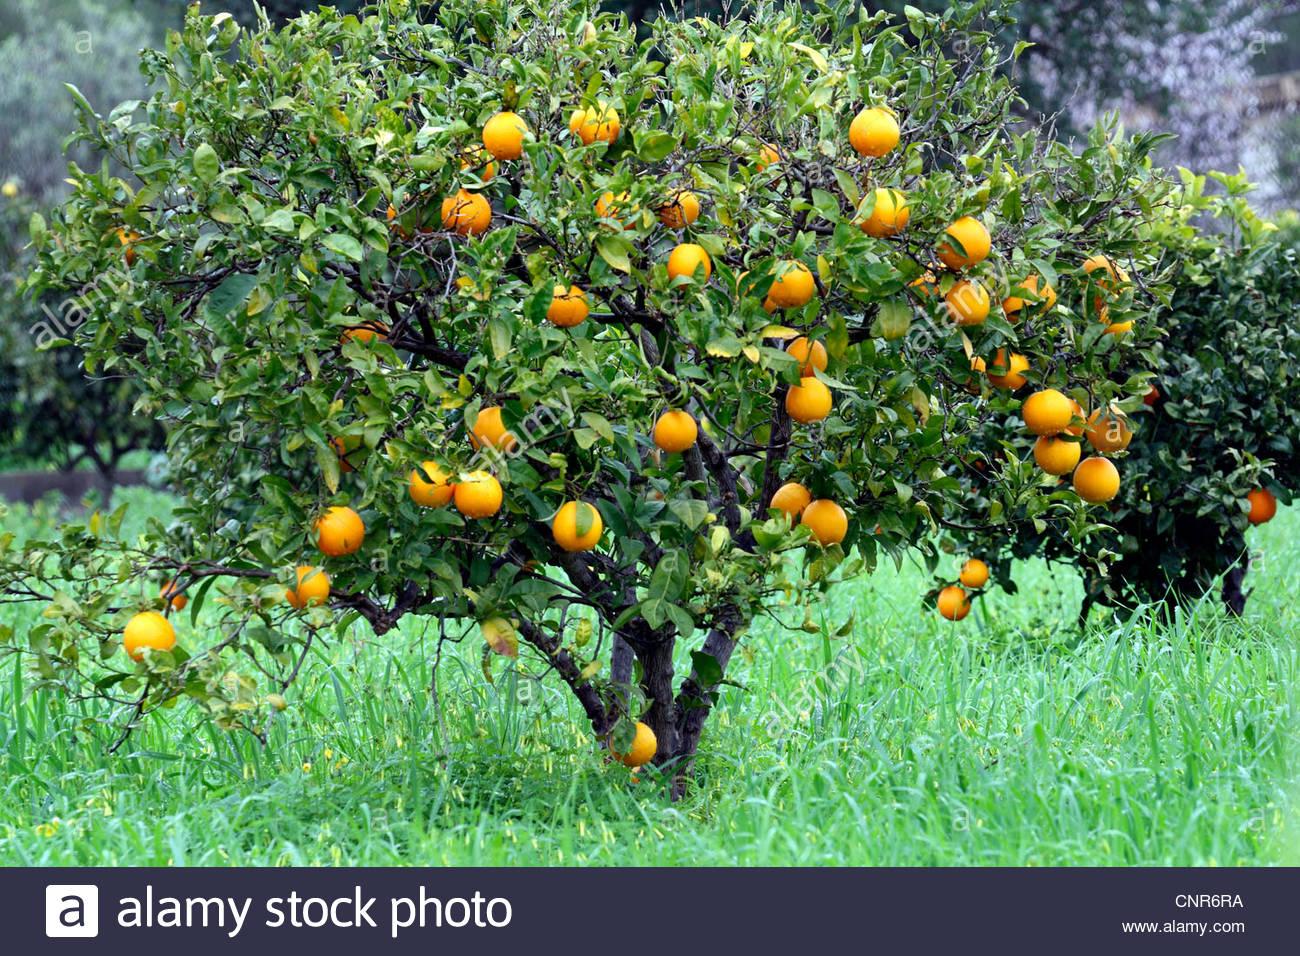 orange tree stock photos & orange tree stock images - alamy